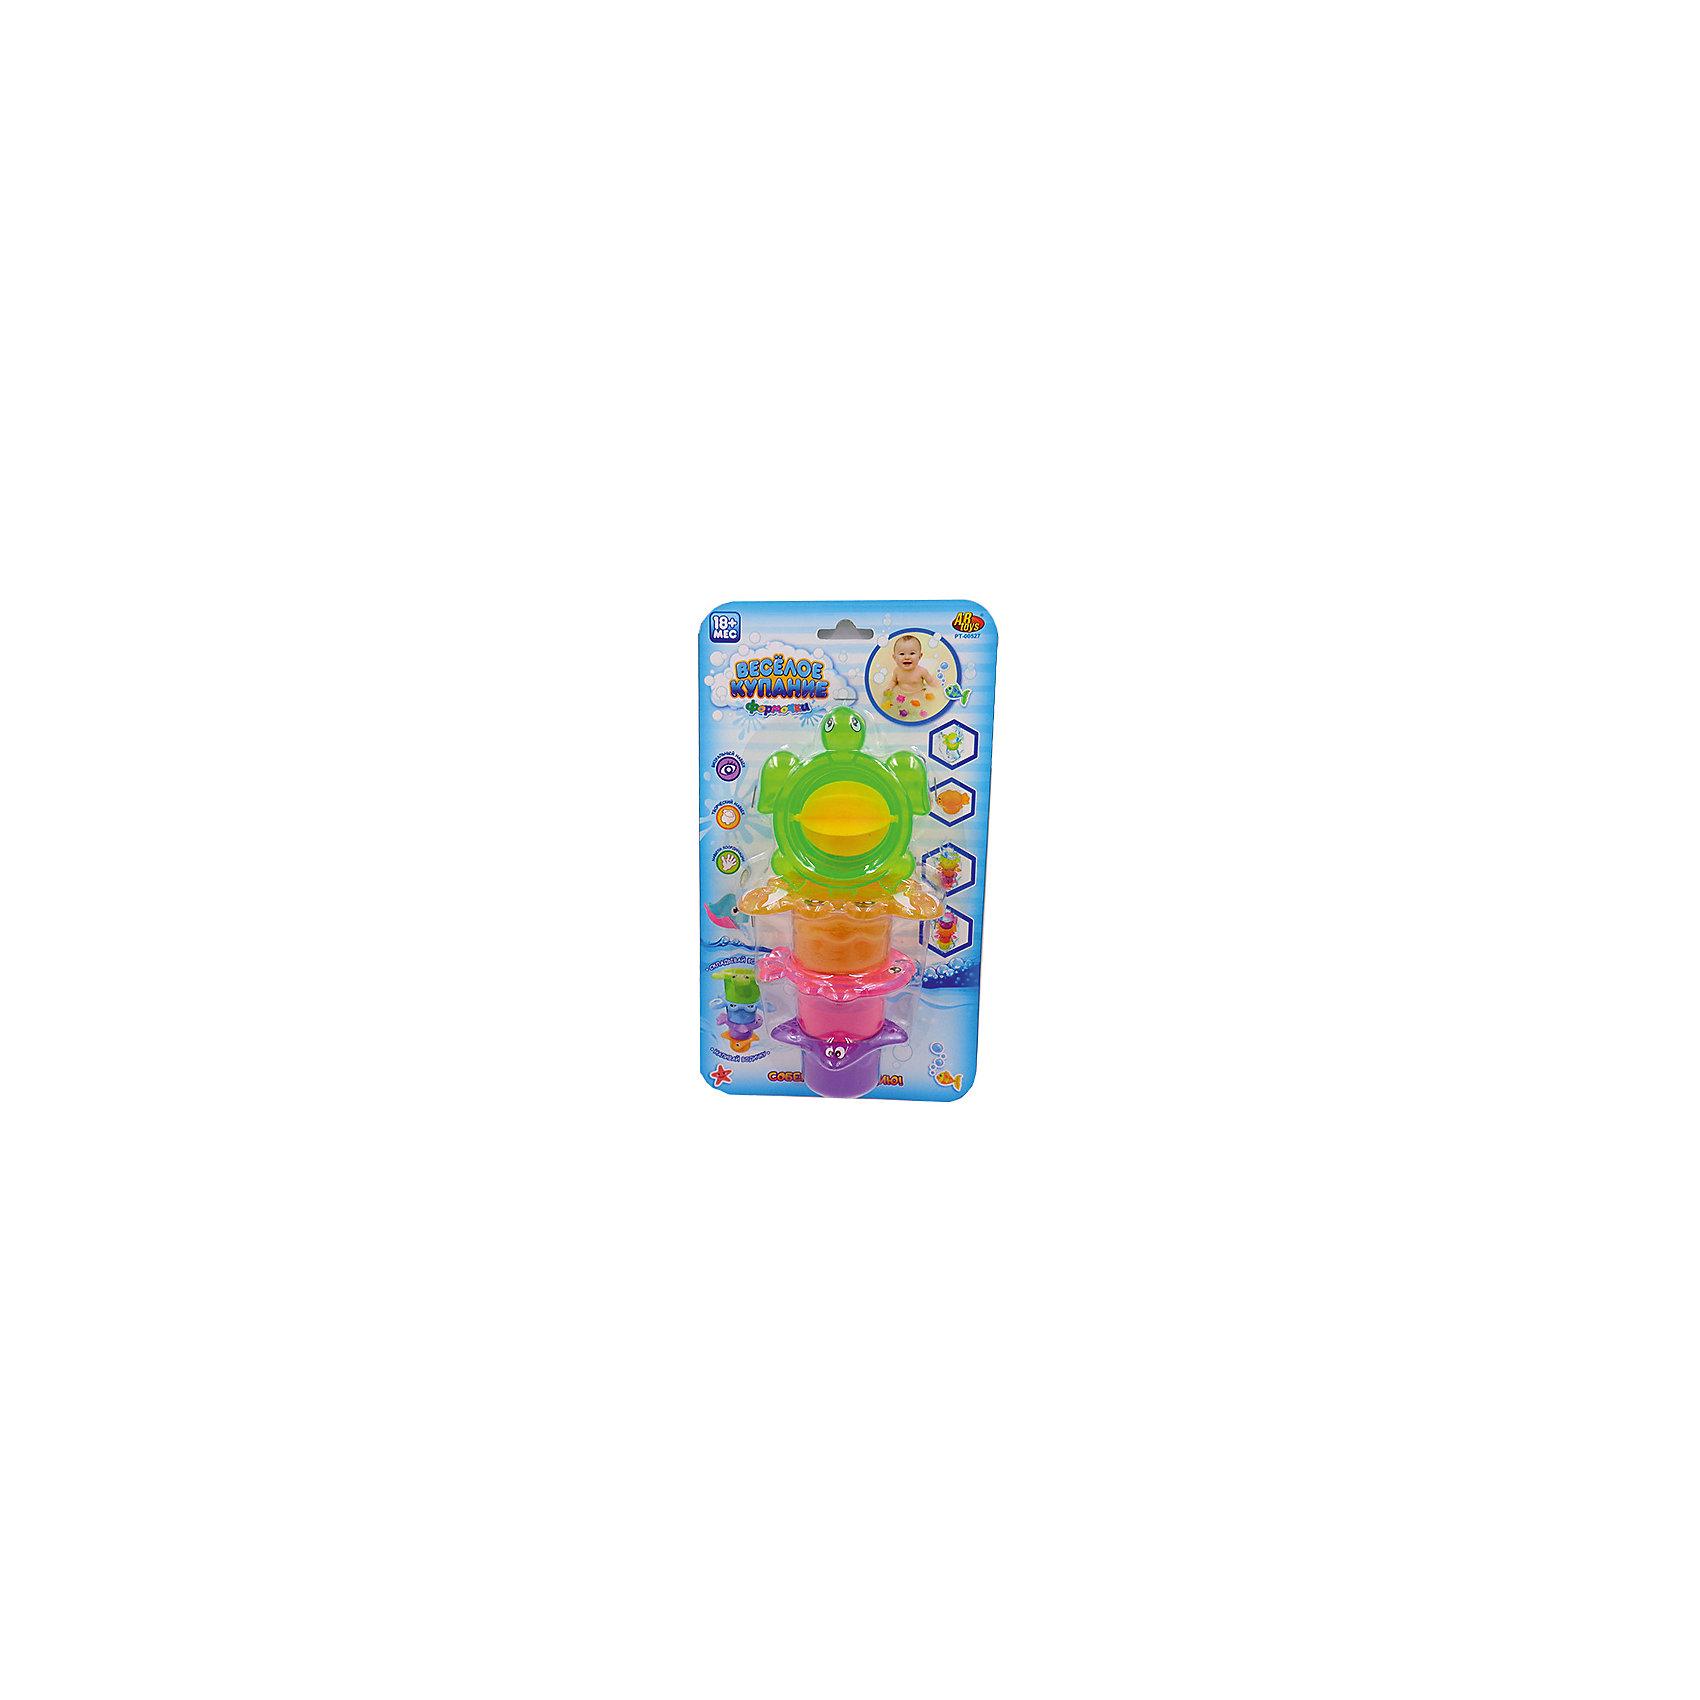 Черепаха-мельница для ванной, в наборе с аксессуарами, Веселое купание, 4 предм., ABtoysВеселое купание. Черепаха-мельница для ванной, в наборе с аксессуарами (4 предмета), на блистере, 28х16х7,3 см<br><br>Ширина мм: 280<br>Глубина мм: 160<br>Высота мм: 73<br>Вес г: 42<br>Возраст от месяцев: 36<br>Возраст до месяцев: 96<br>Пол: Унисекс<br>Возраст: Детский<br>SKU: 5500926